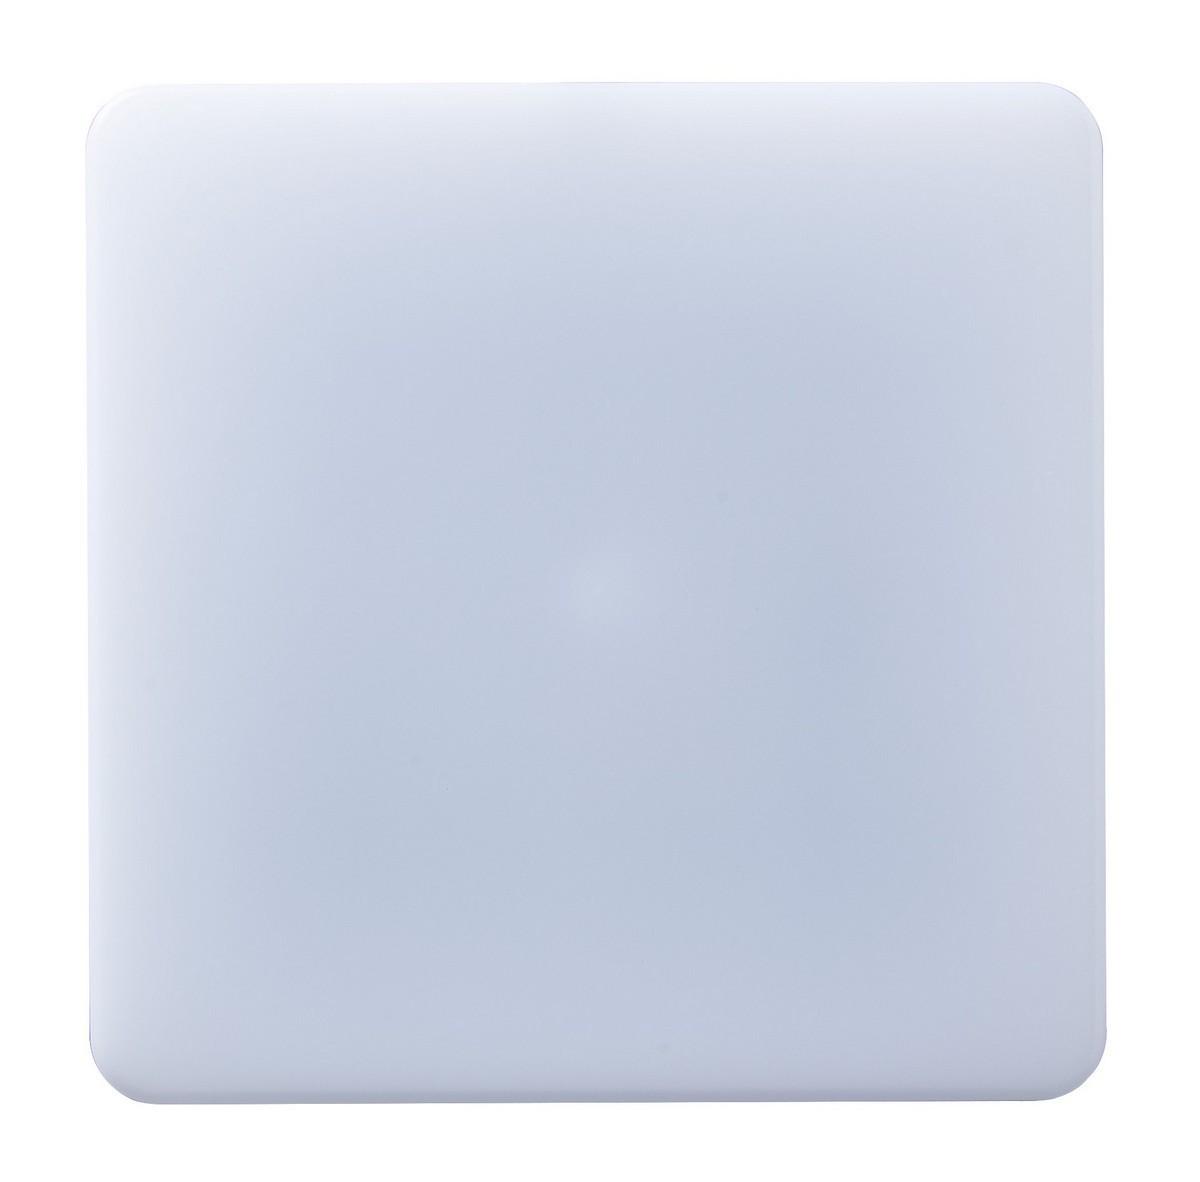 LED Deckenleuchte Pronto eckig 24W mit Bewegungsmelder 3000 K 330x330 mm Kunststoff weiß IP54